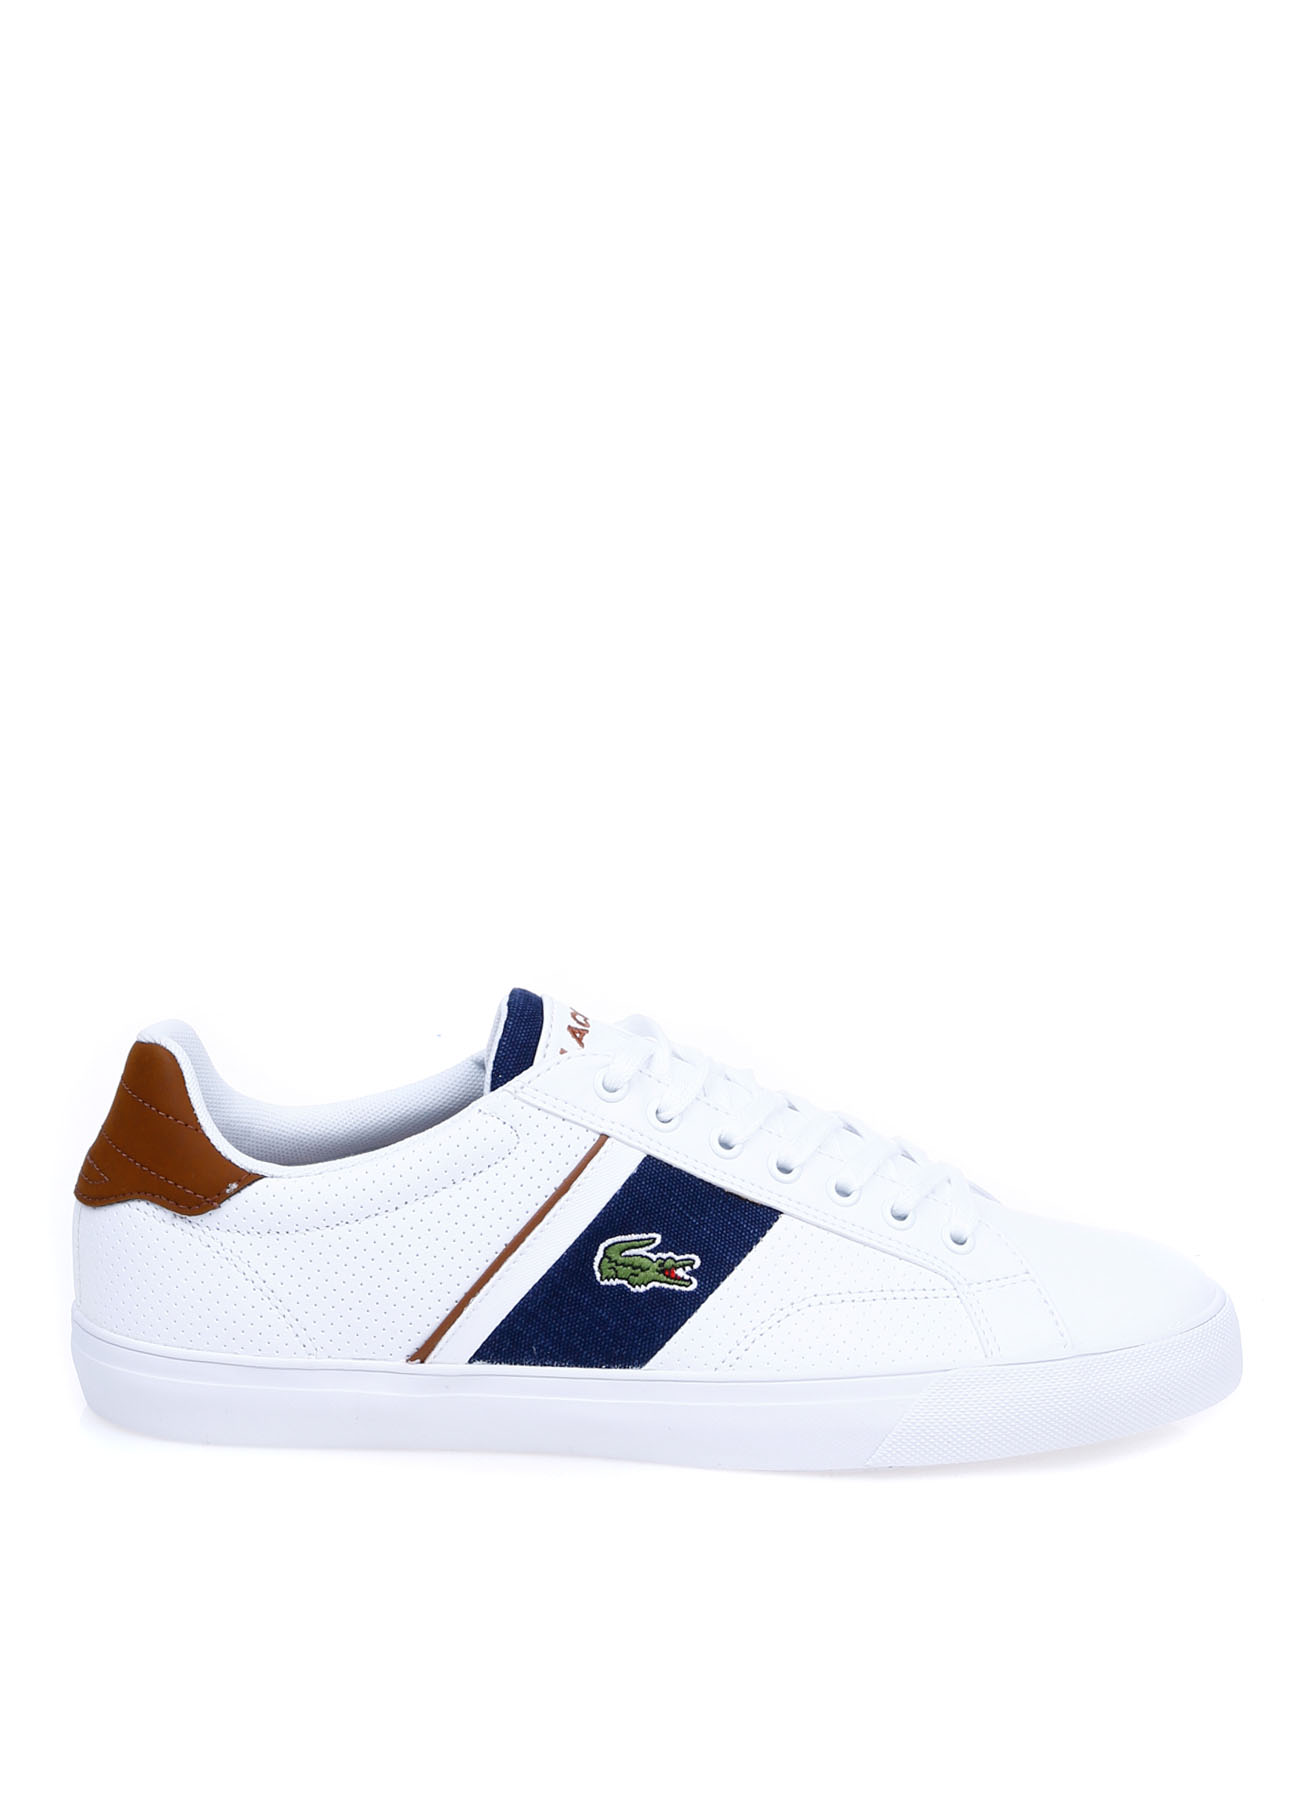 Lacoste Erkek Deri Beyaz Lifestyle Ayakkabı 40 5002314232002 Ürün Resmi